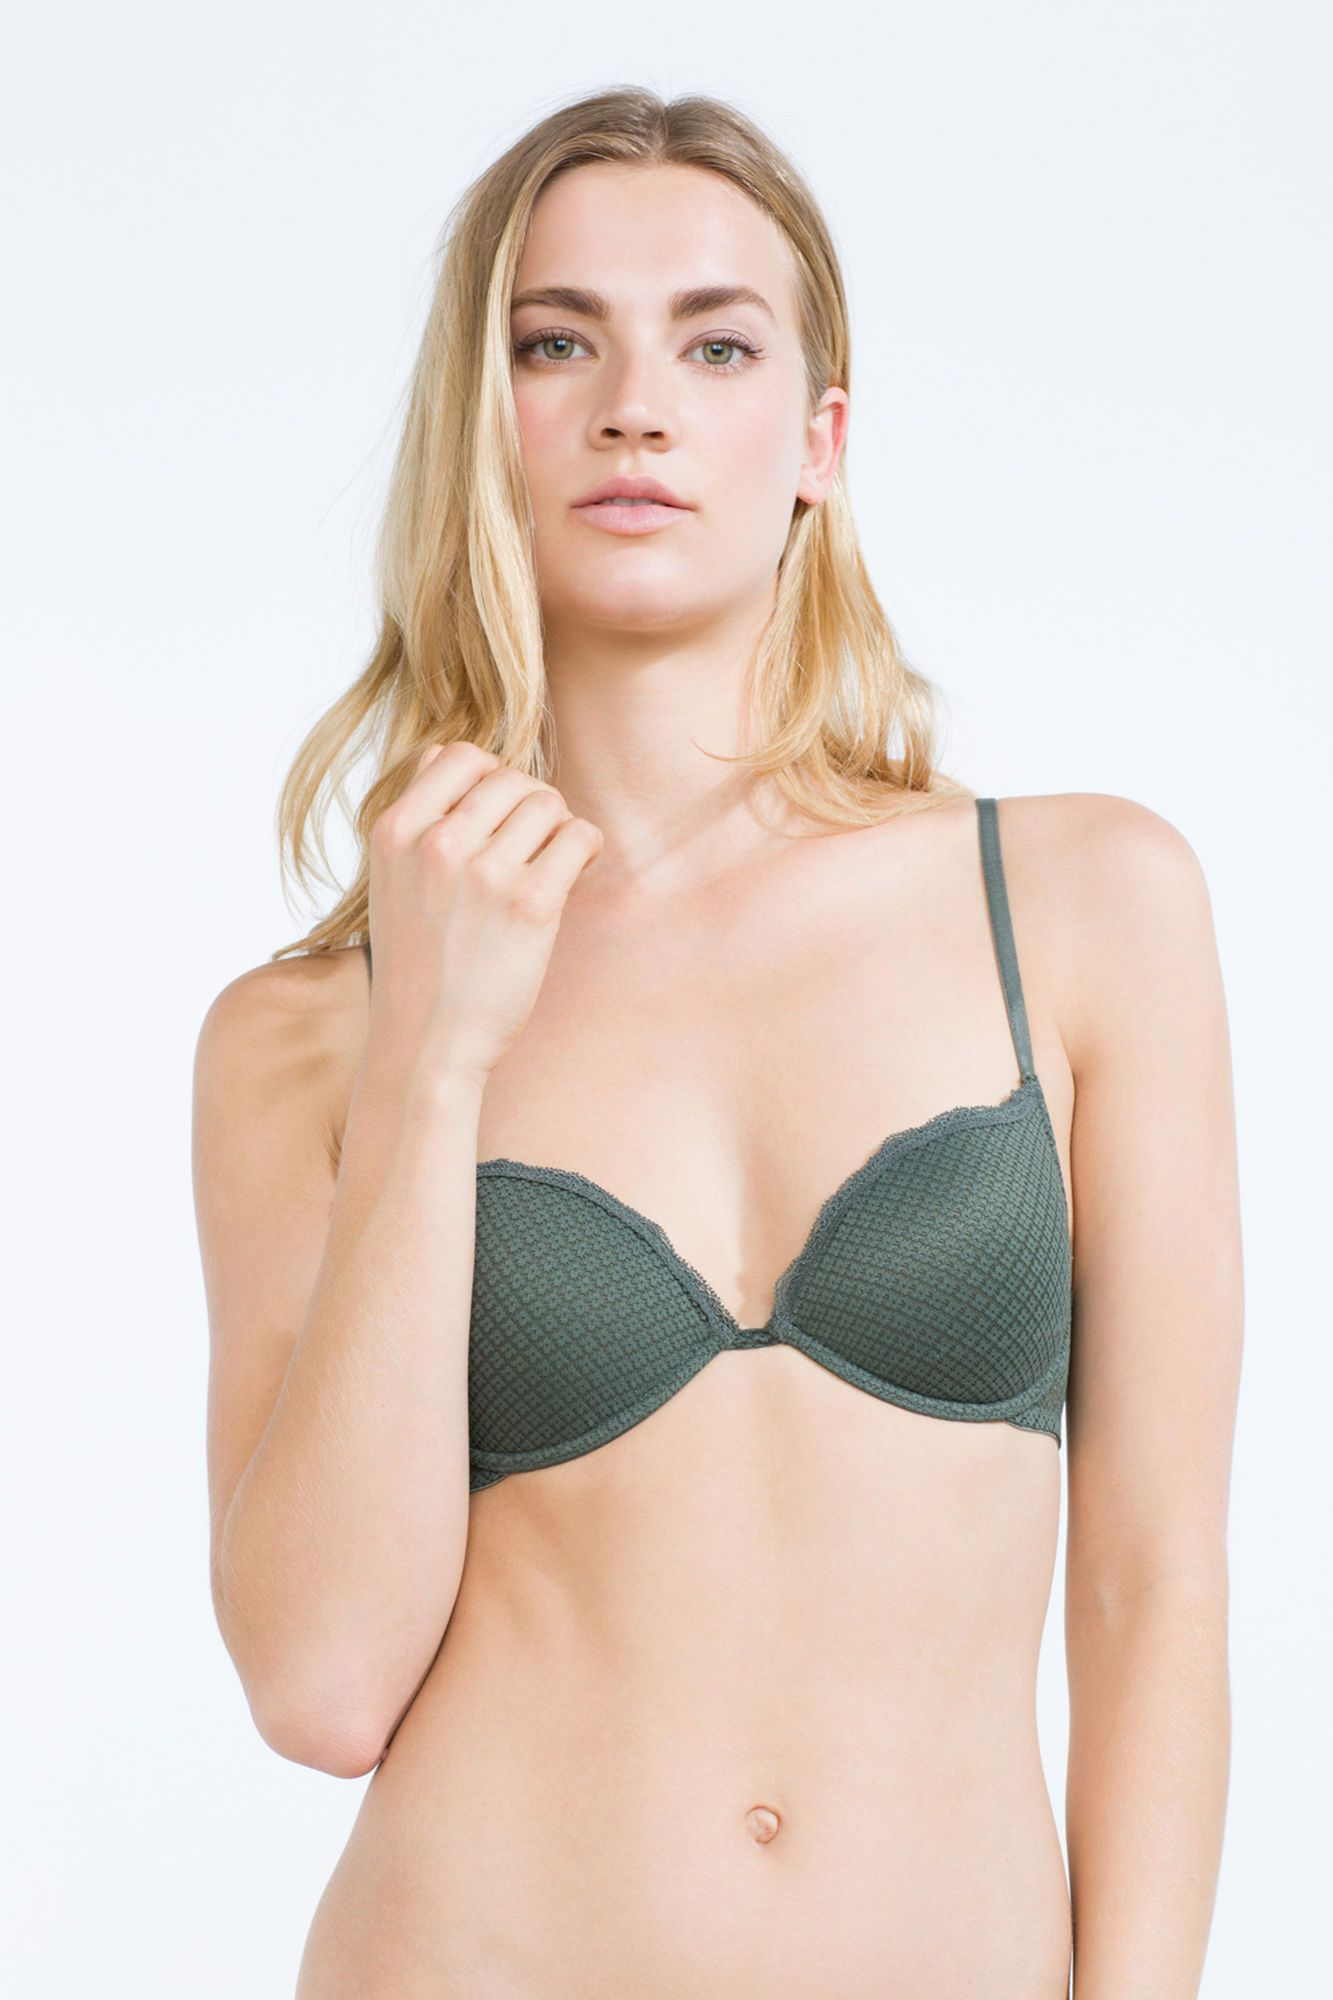 Miniflower classic padded bra | Bras | Women'secret